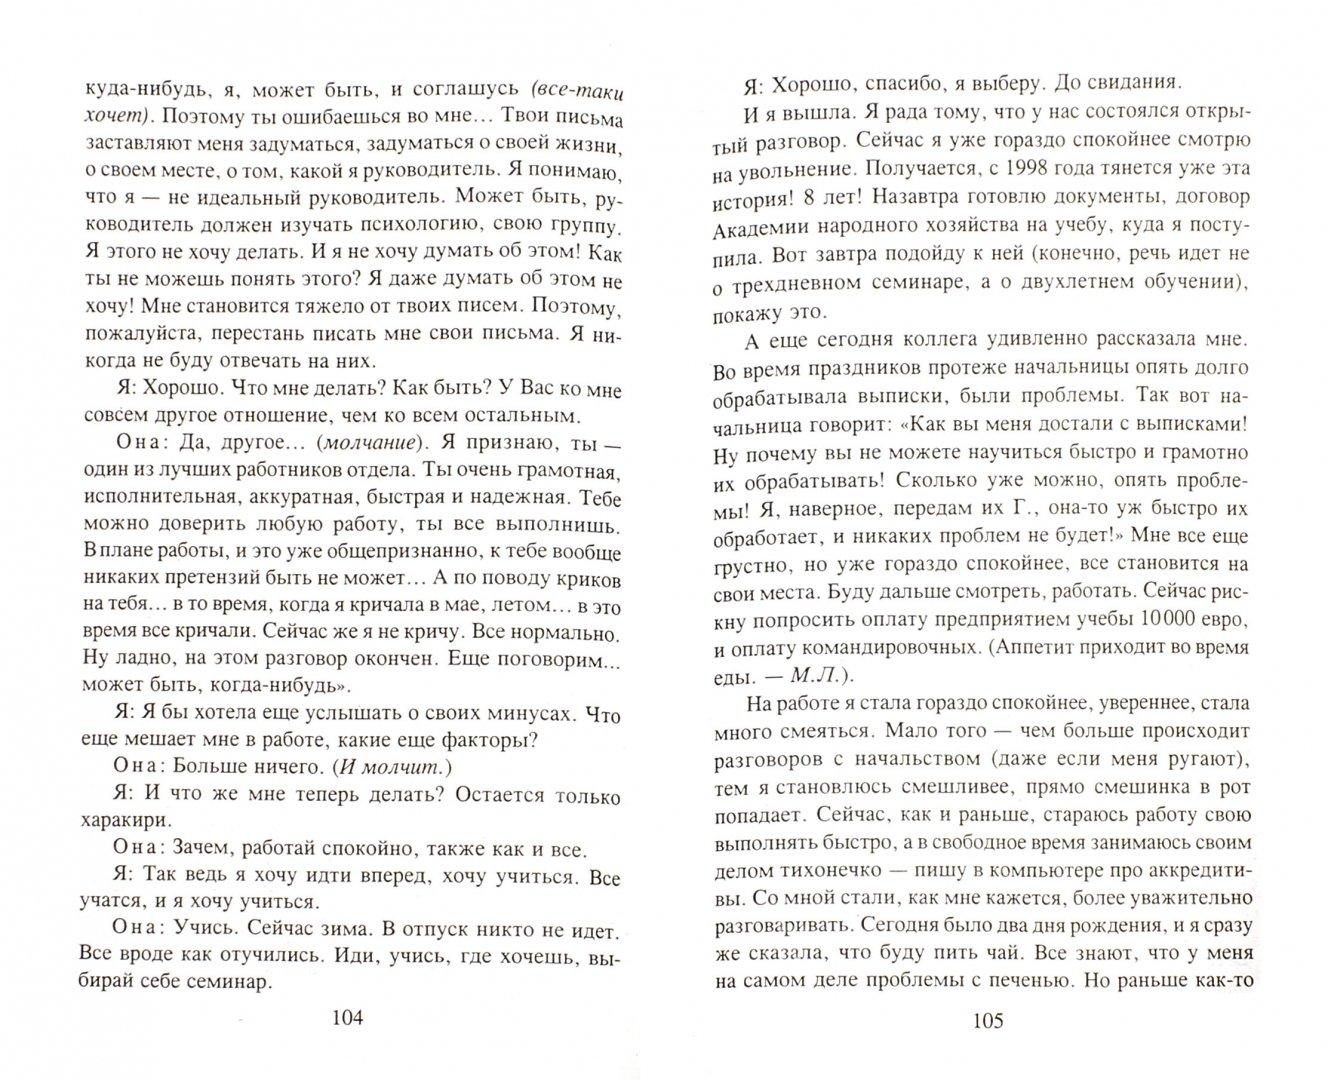 Иллюстрация 1 из 11 для Психологическое айкидо. Учебное пособие - Михаил Литвак | Лабиринт - книги. Источник: Лабиринт